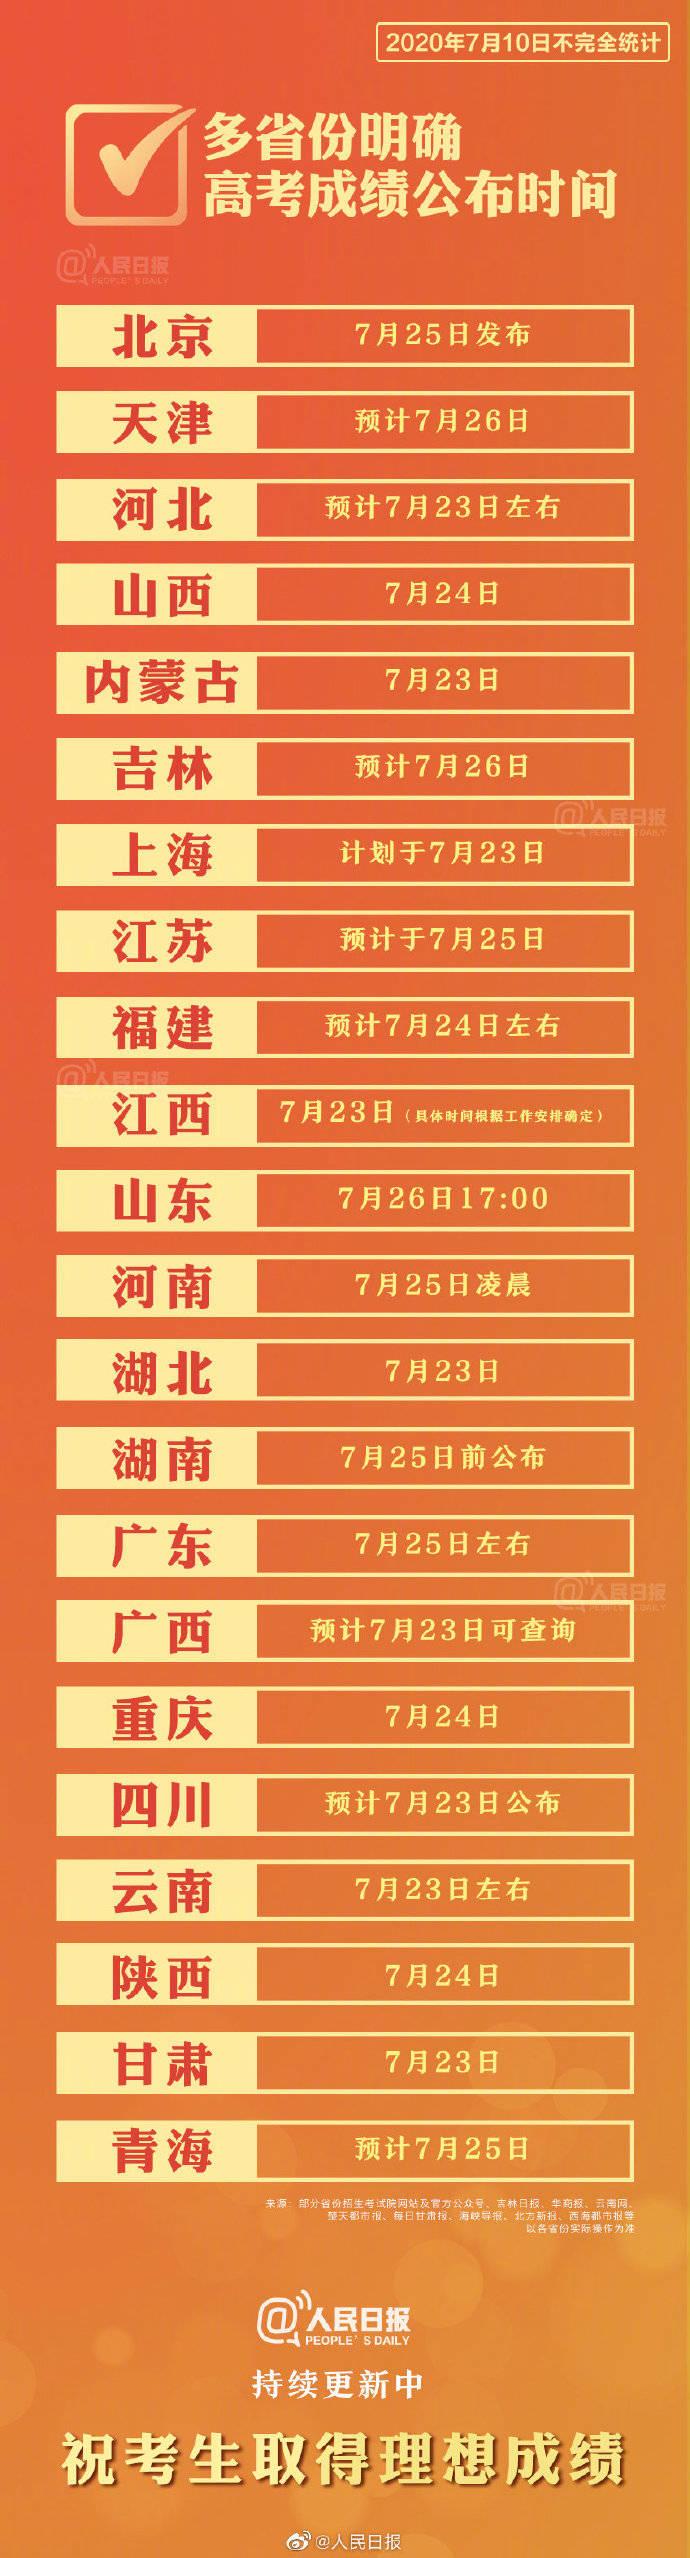 四川广汉花炮厂燃爆多省份7月23日至26日可查高考成绩